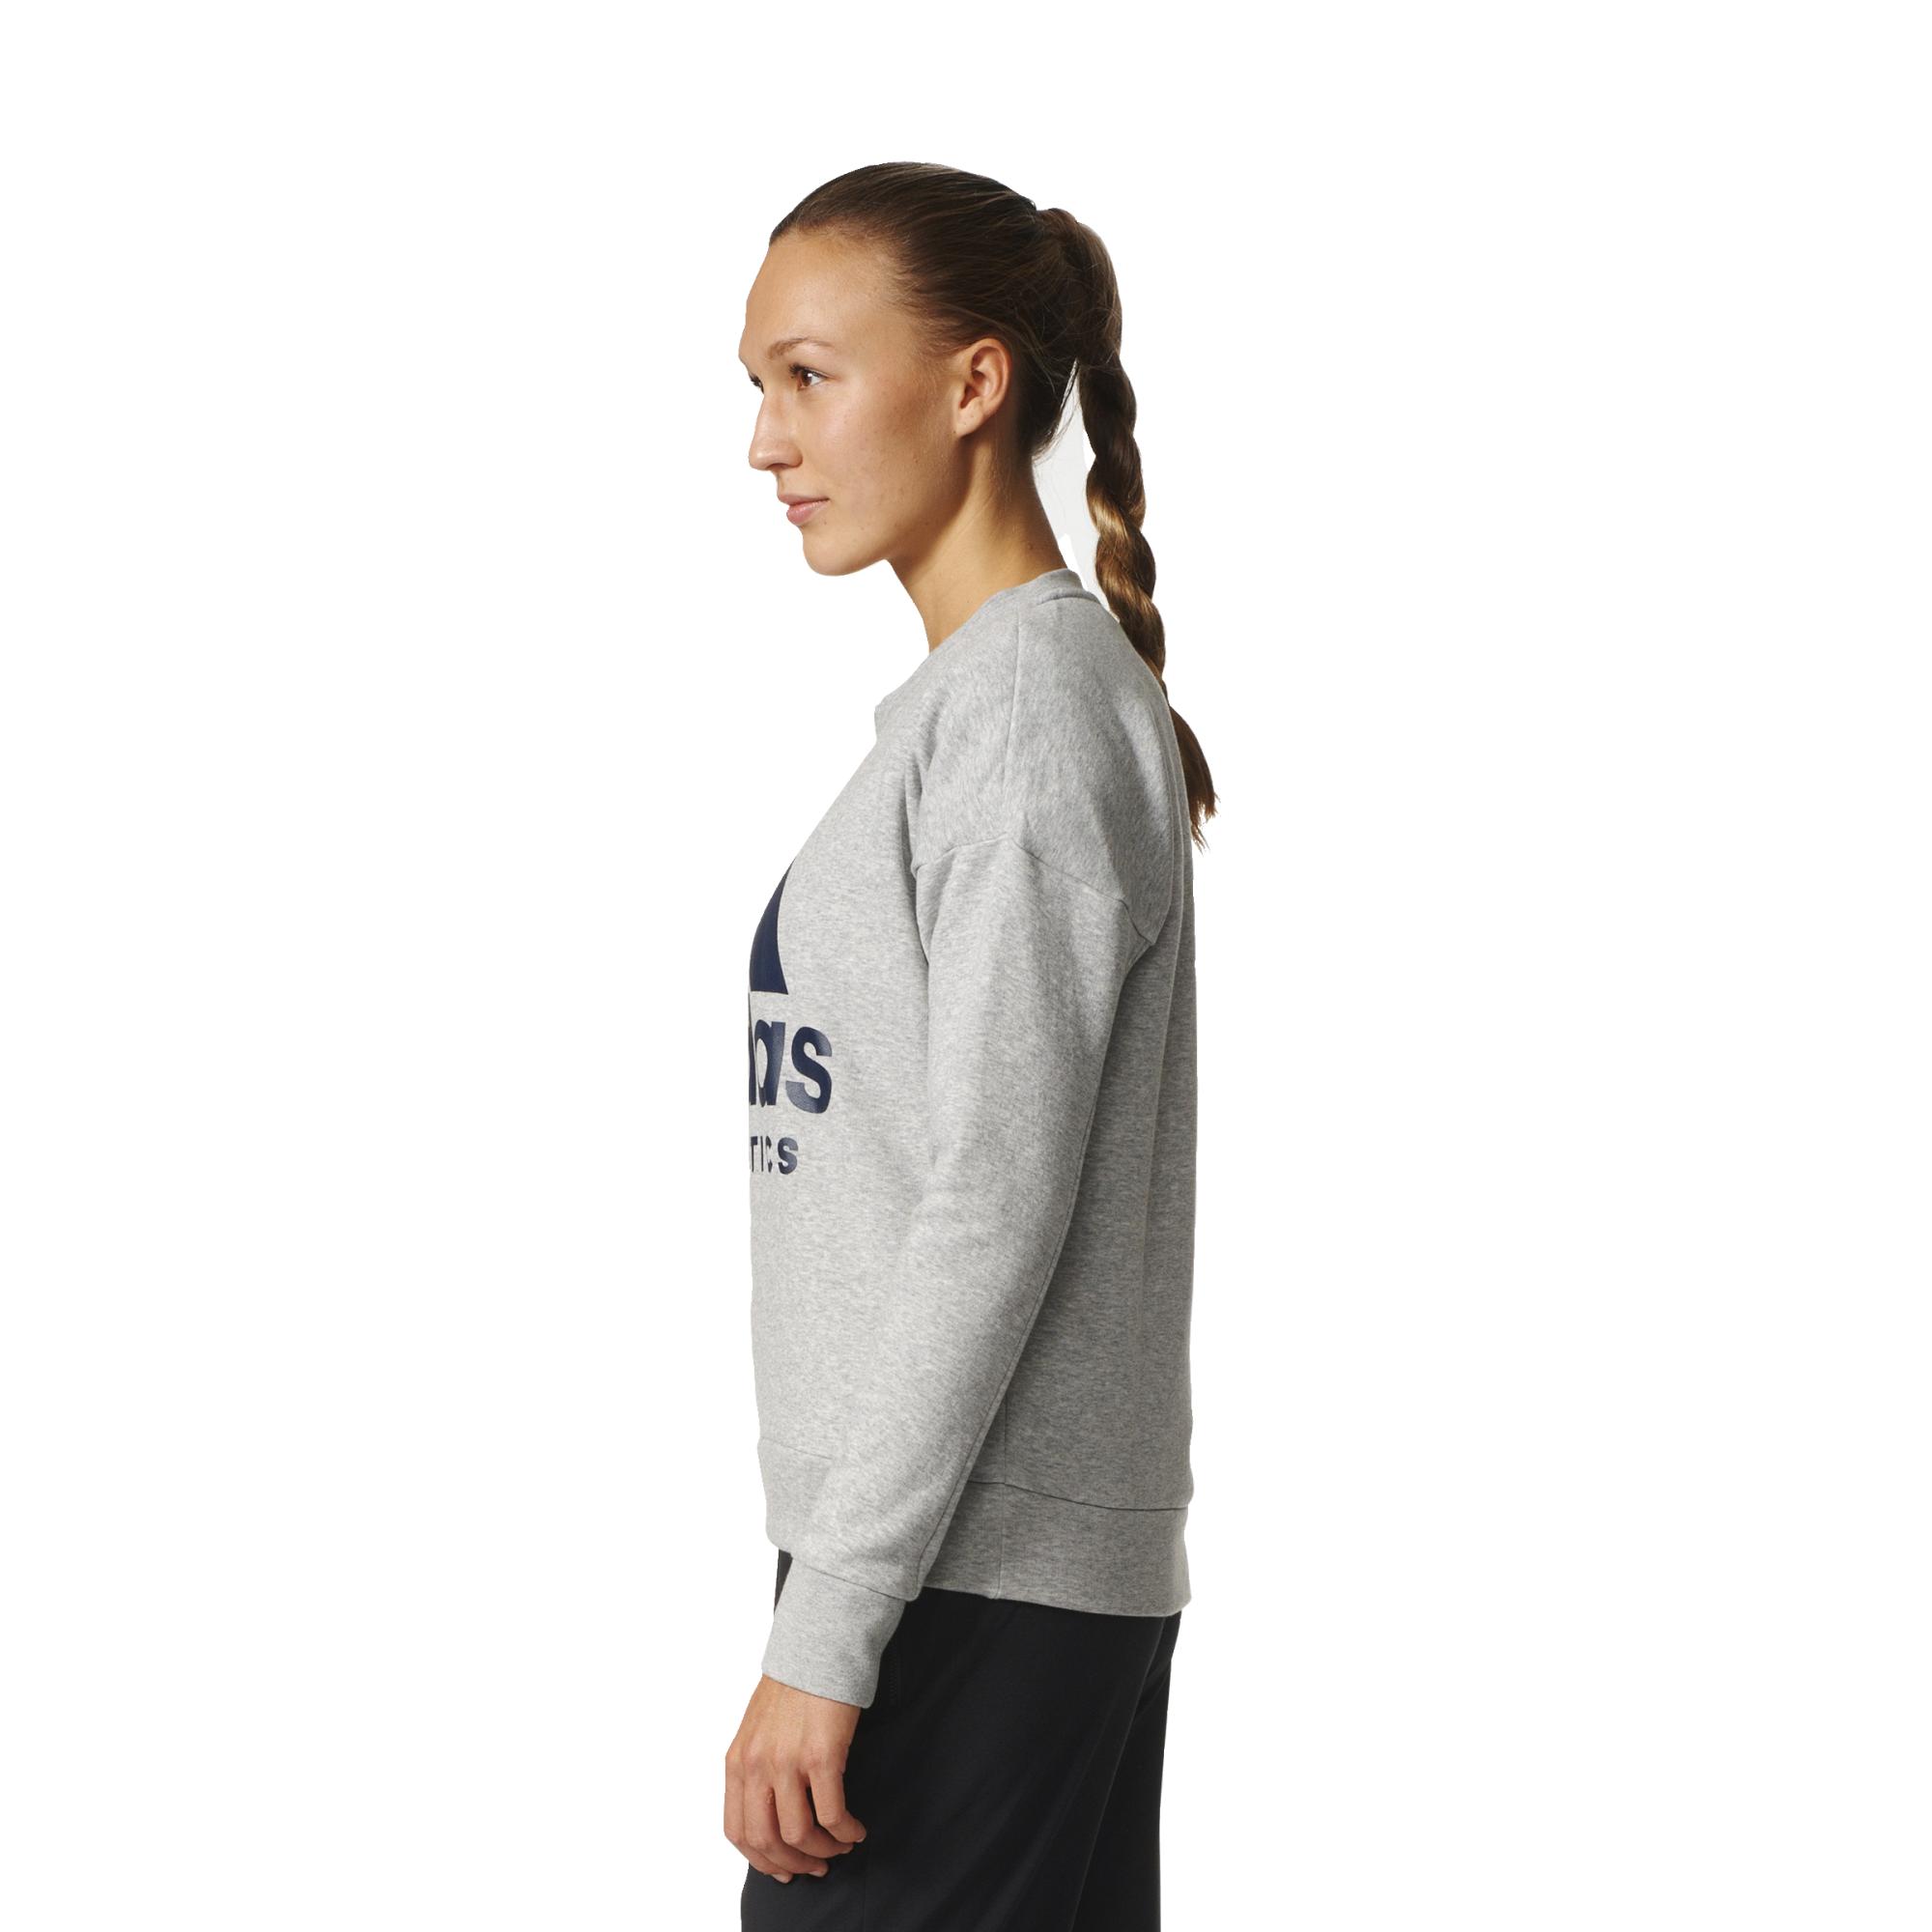 adidas sport id sweatshirt. Black Bedroom Furniture Sets. Home Design Ideas